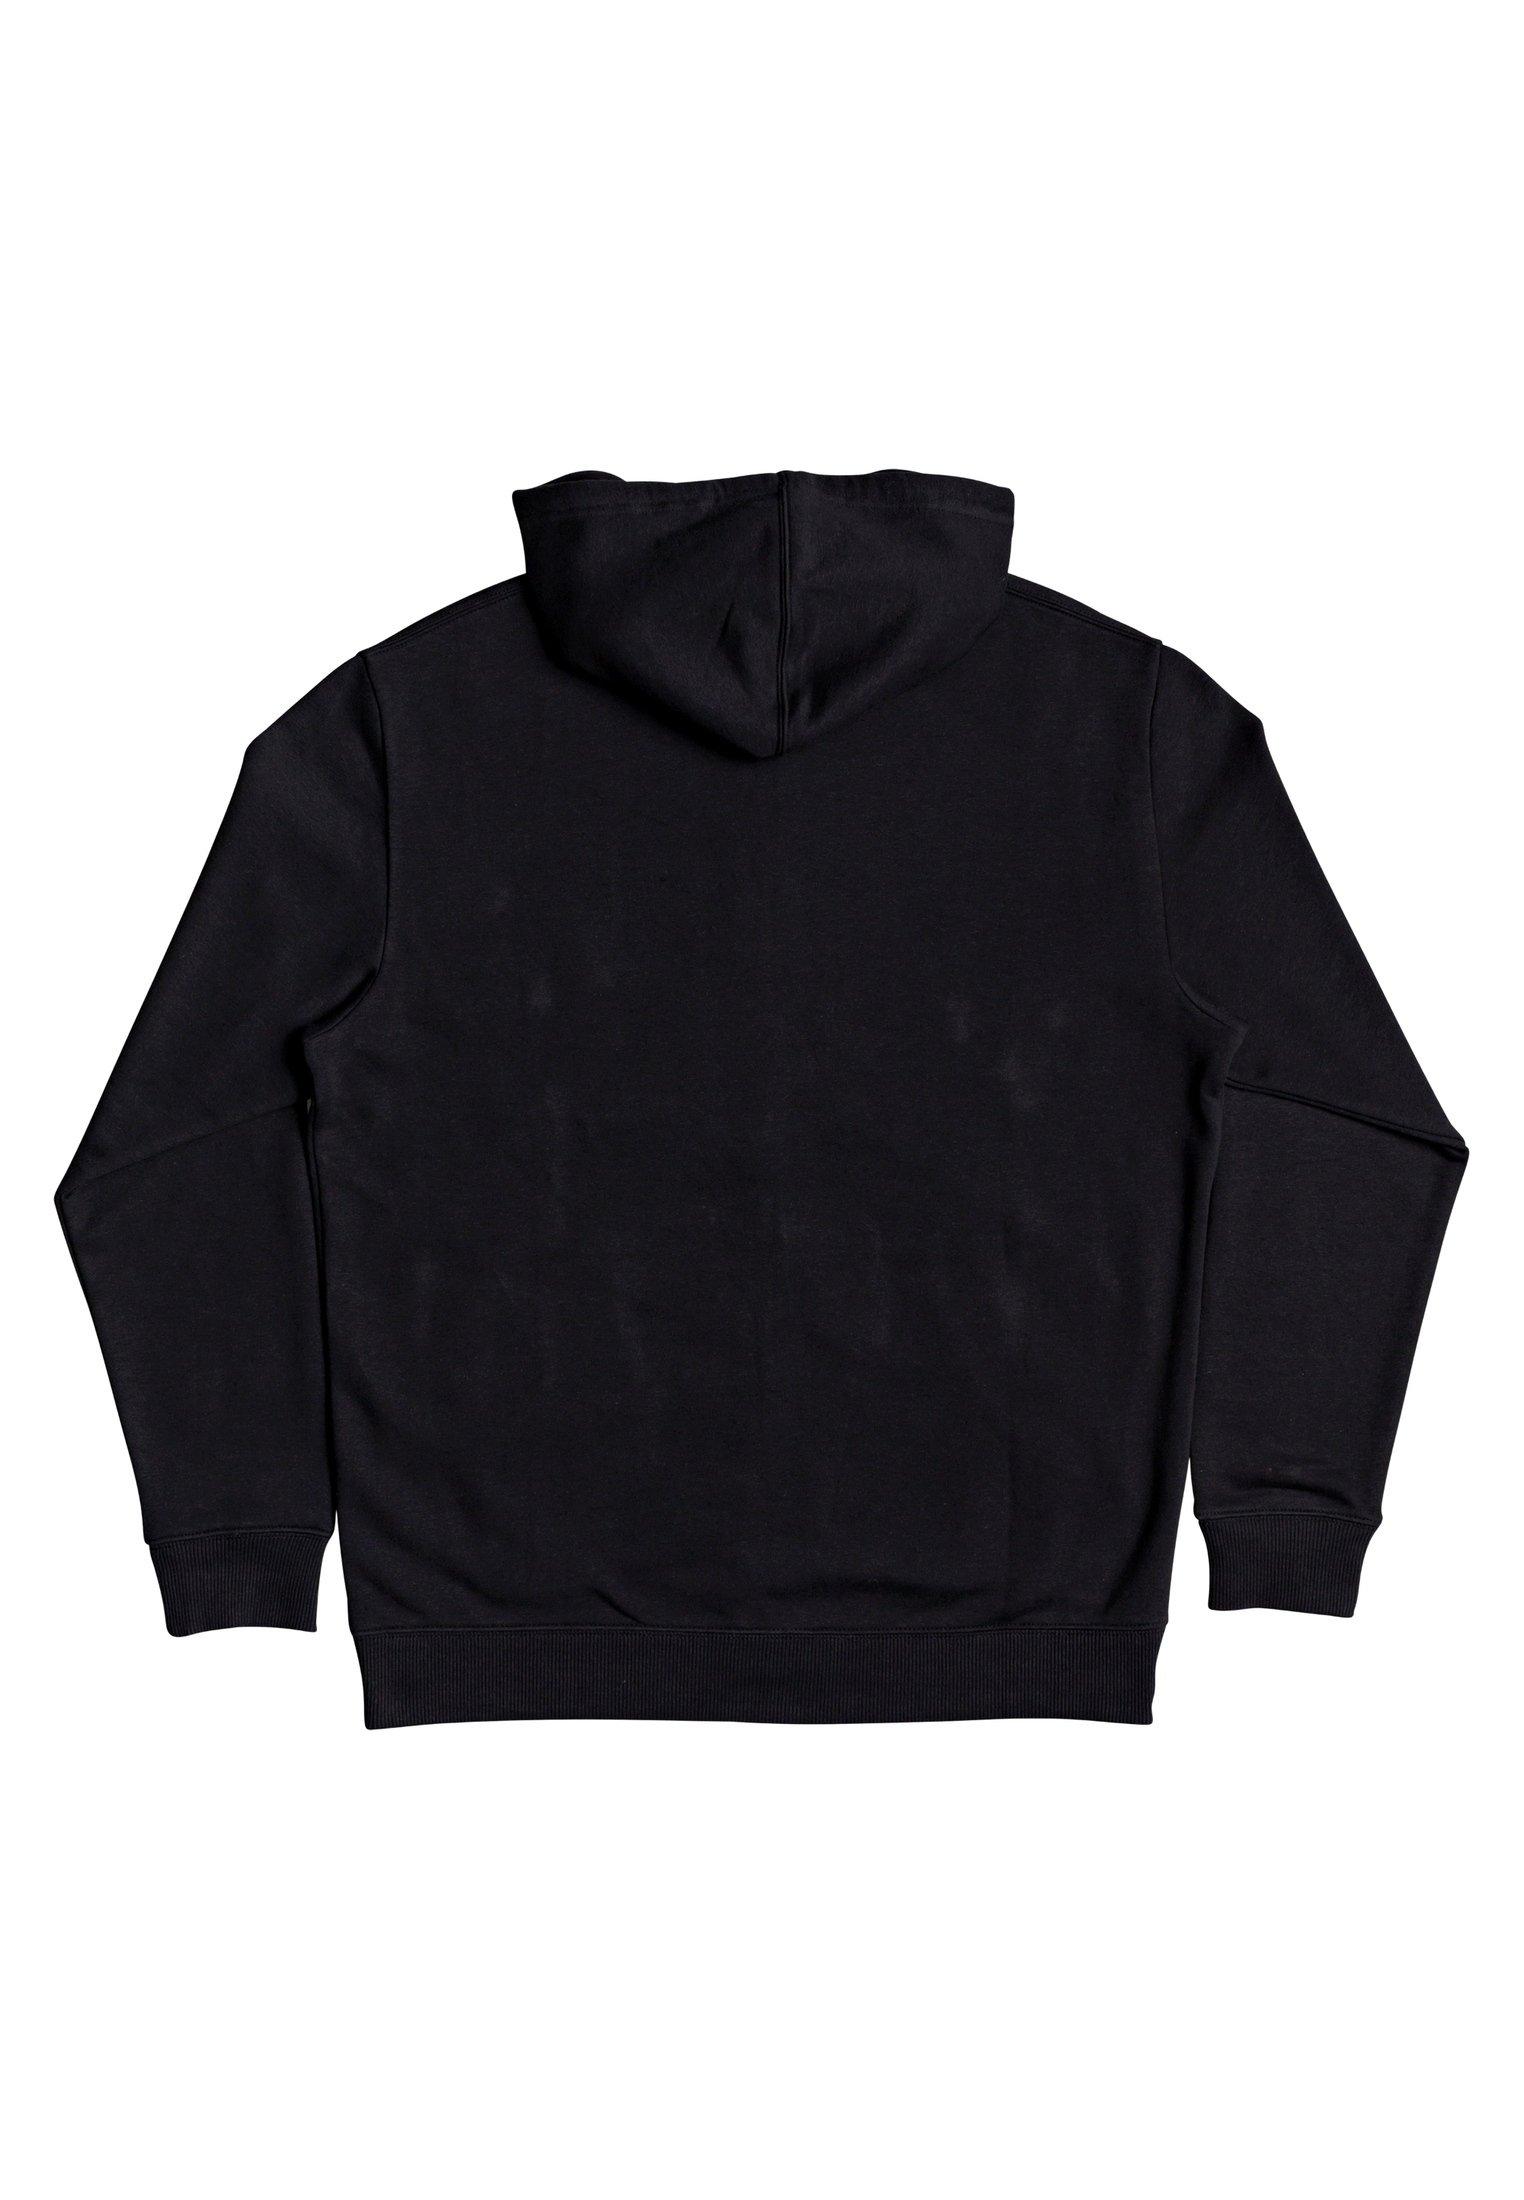 Homme DIVIDE AND CONQUER  - Sweat à capuche zippé